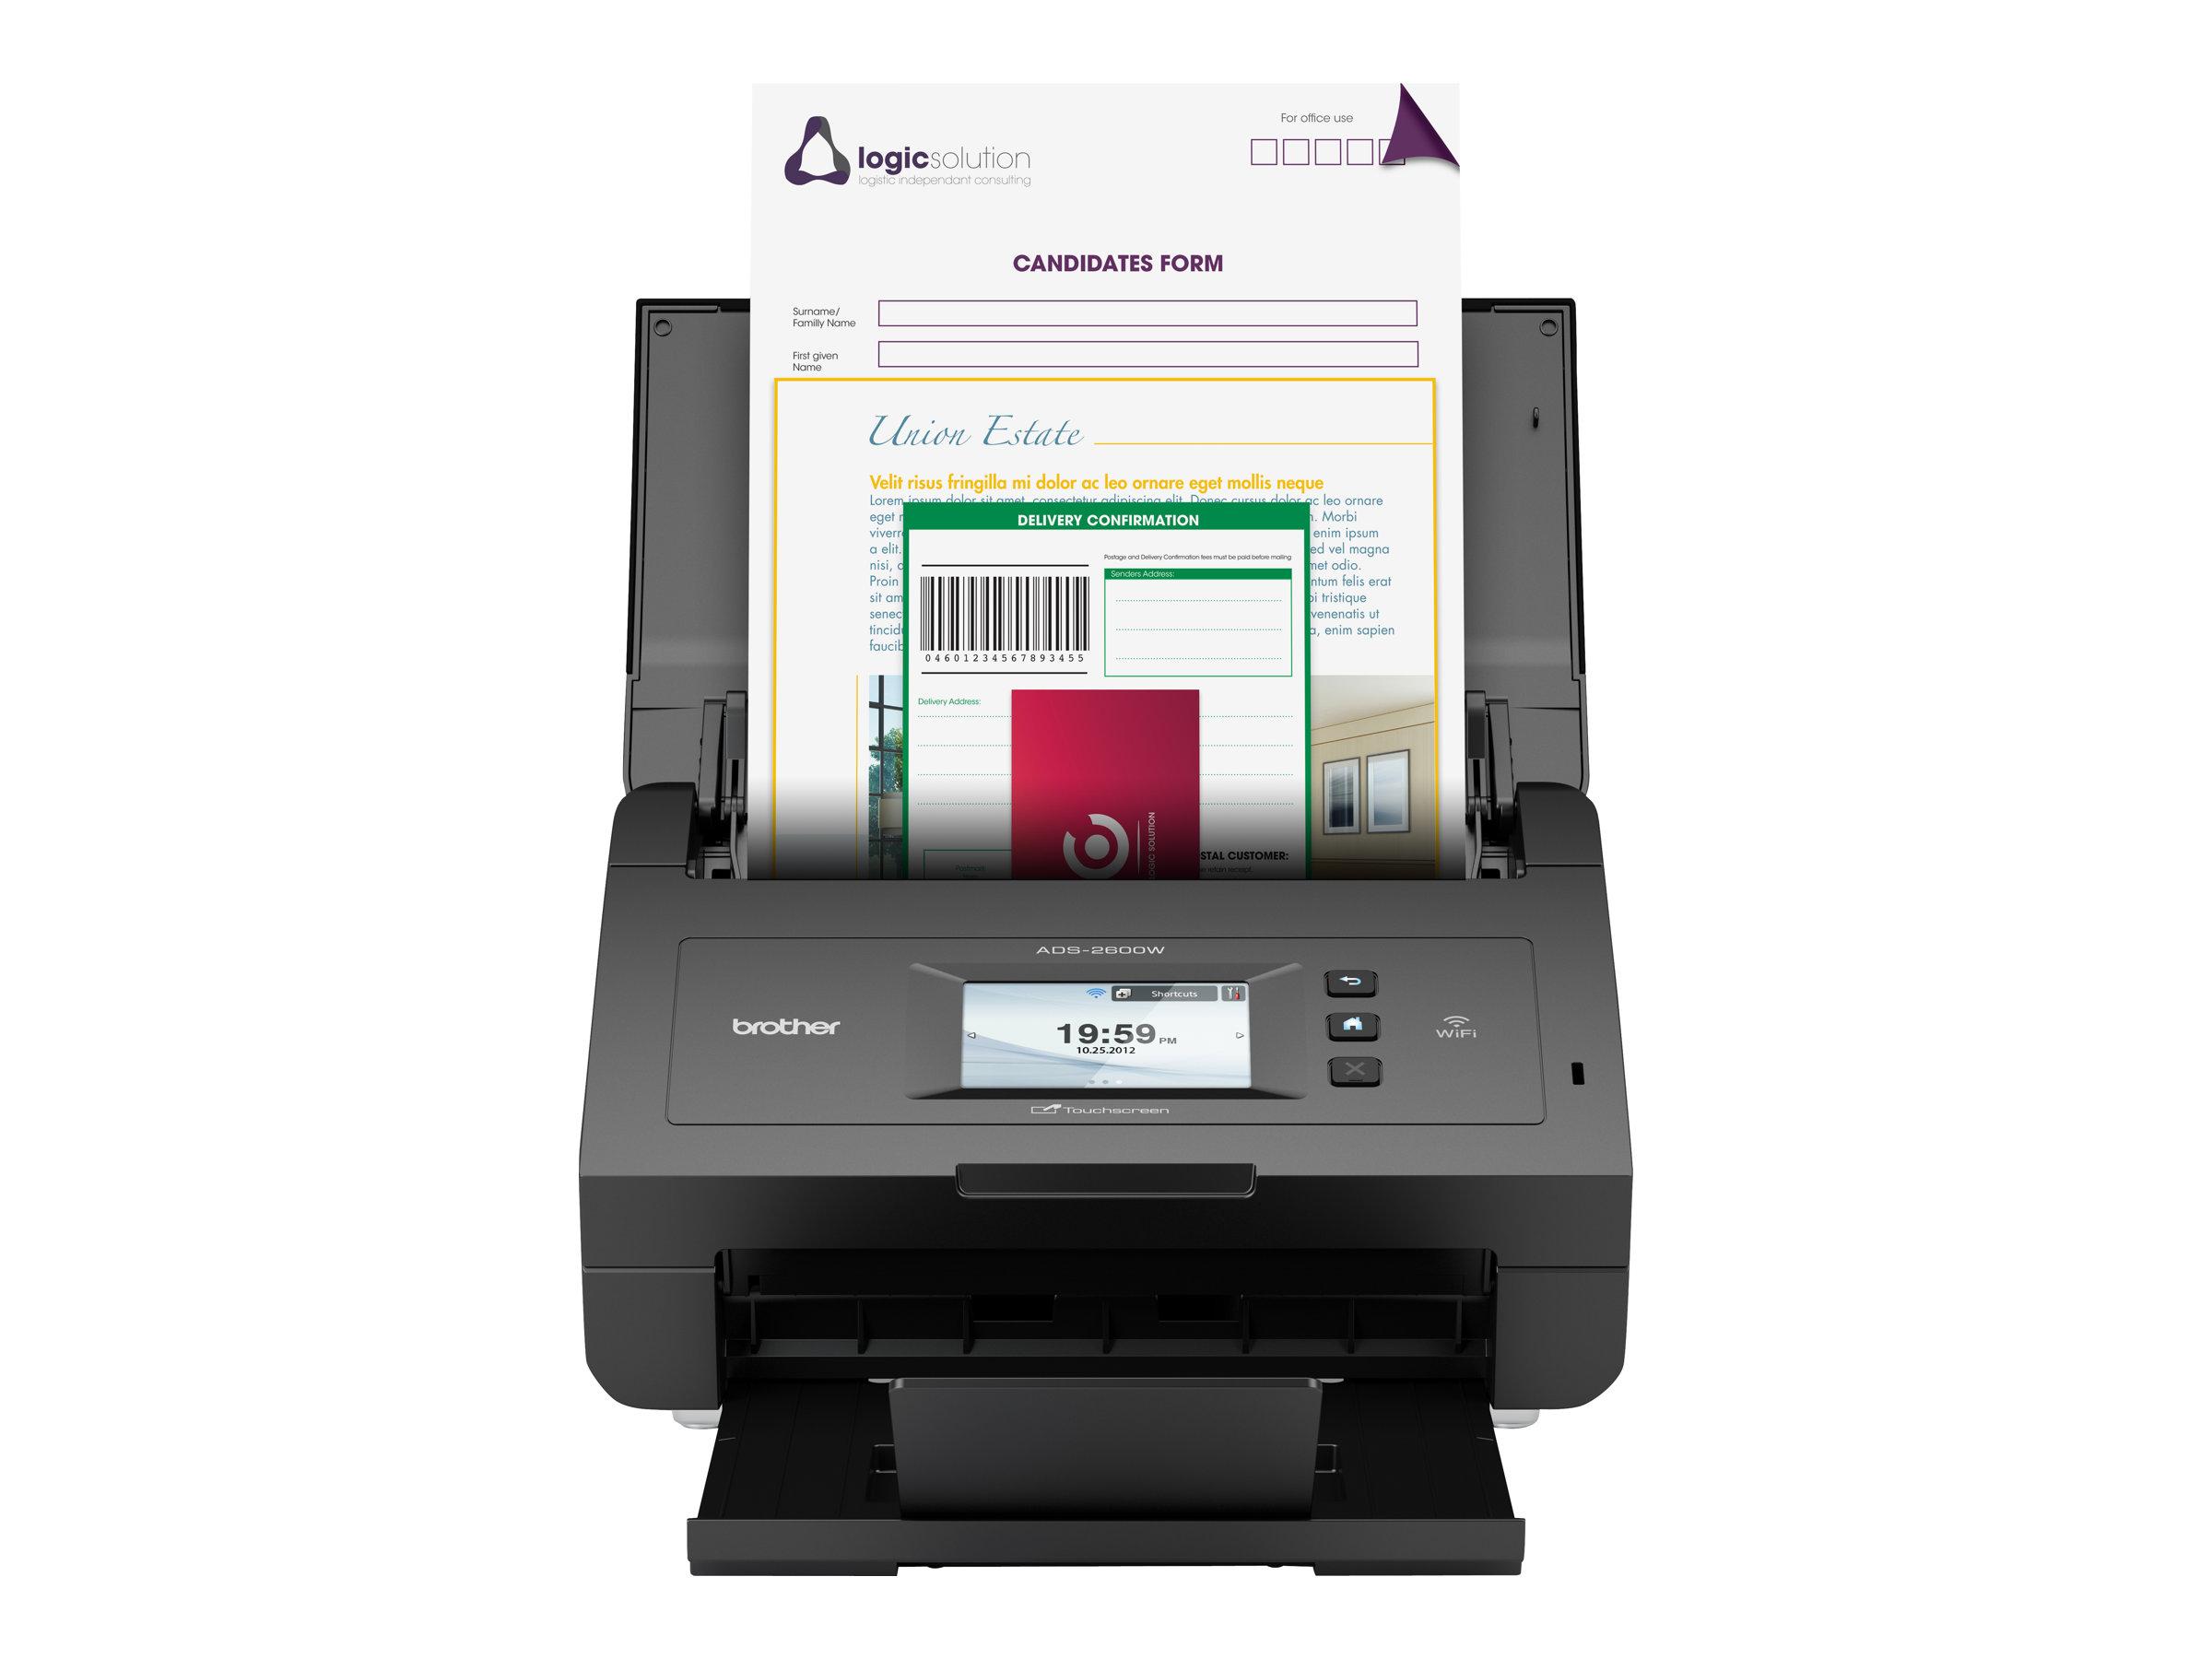 Brother ADS-2600We - Dokumentenscanner - Duplex - 216 x 863 mm - 600 dpi x 600 dpi - bis zu 24 Seiten/Min. (einfarbig)